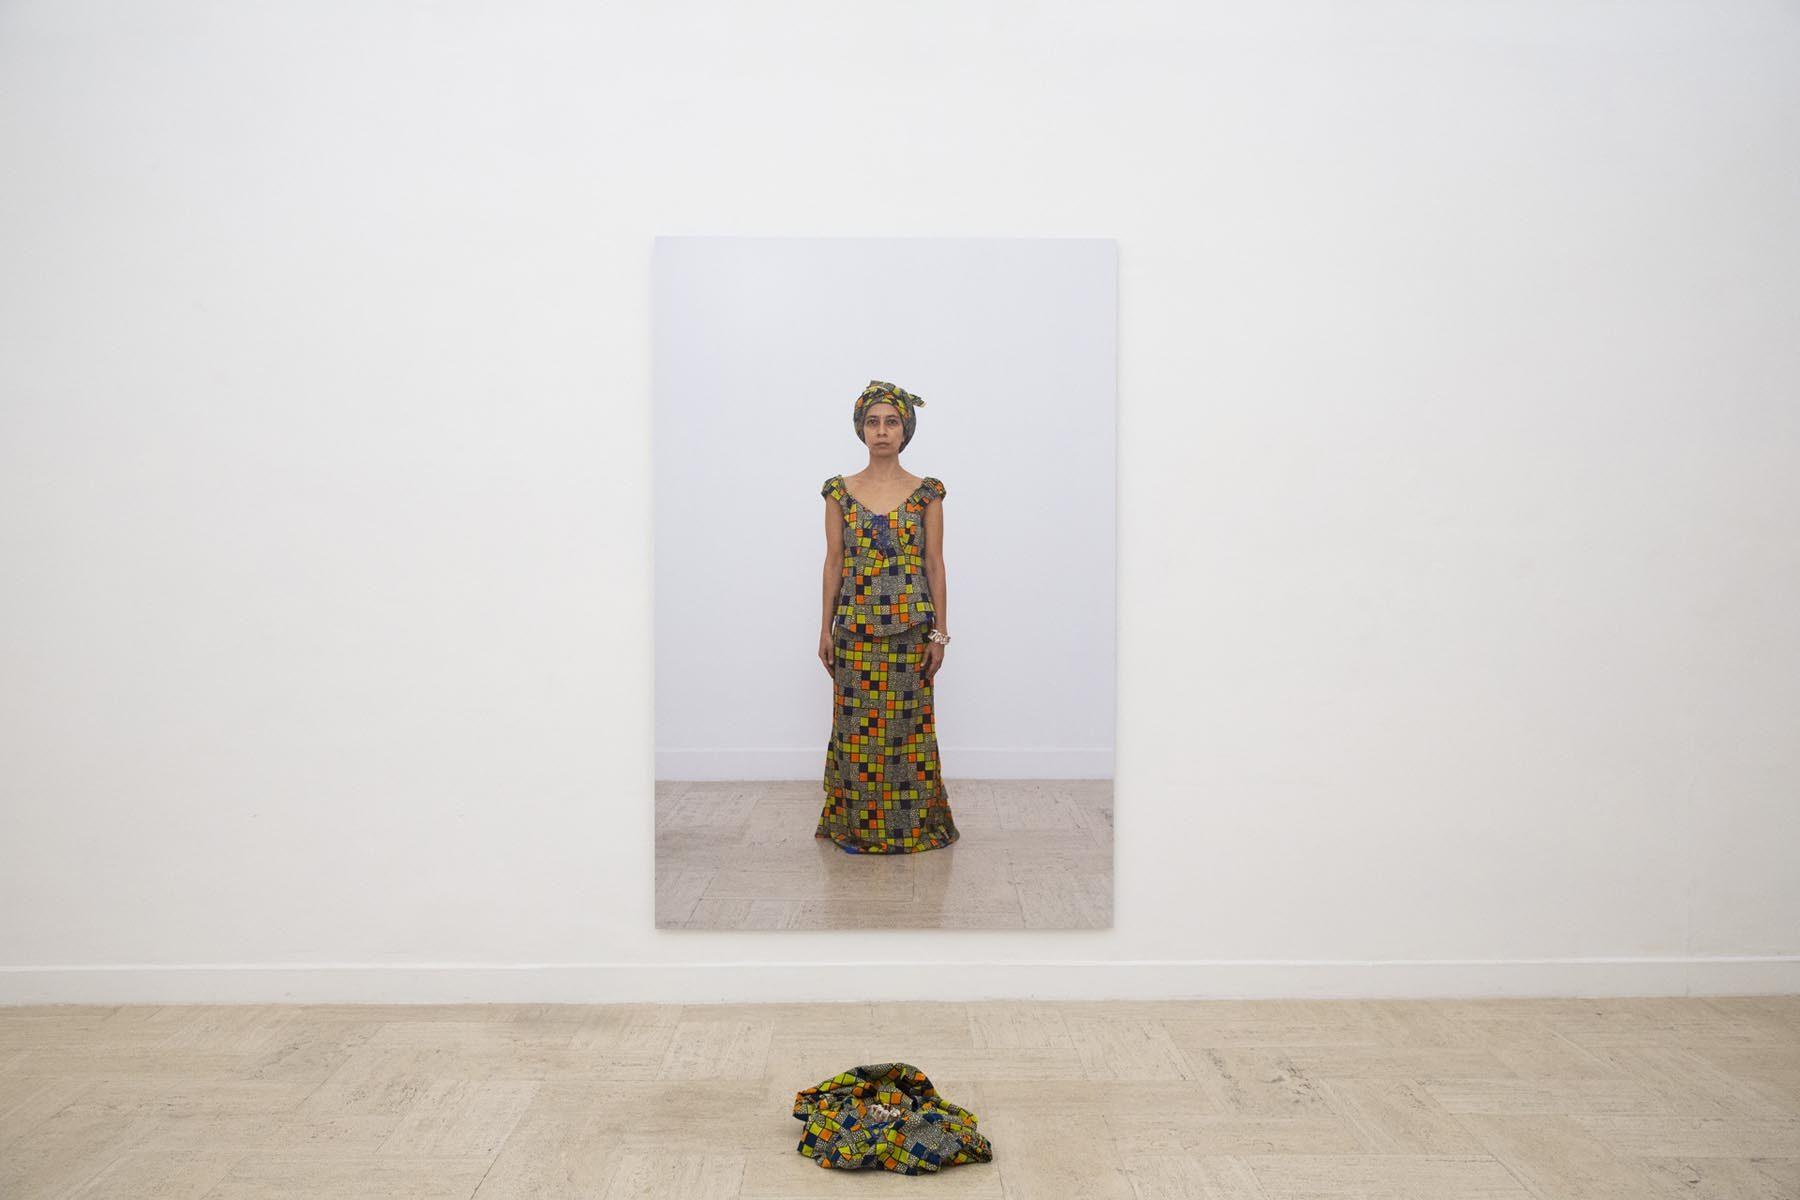 Regina José Galindo, Lavarse las manos, 2019, exhibition view, Real Academia de España en Roma, ph. J. Tomassini